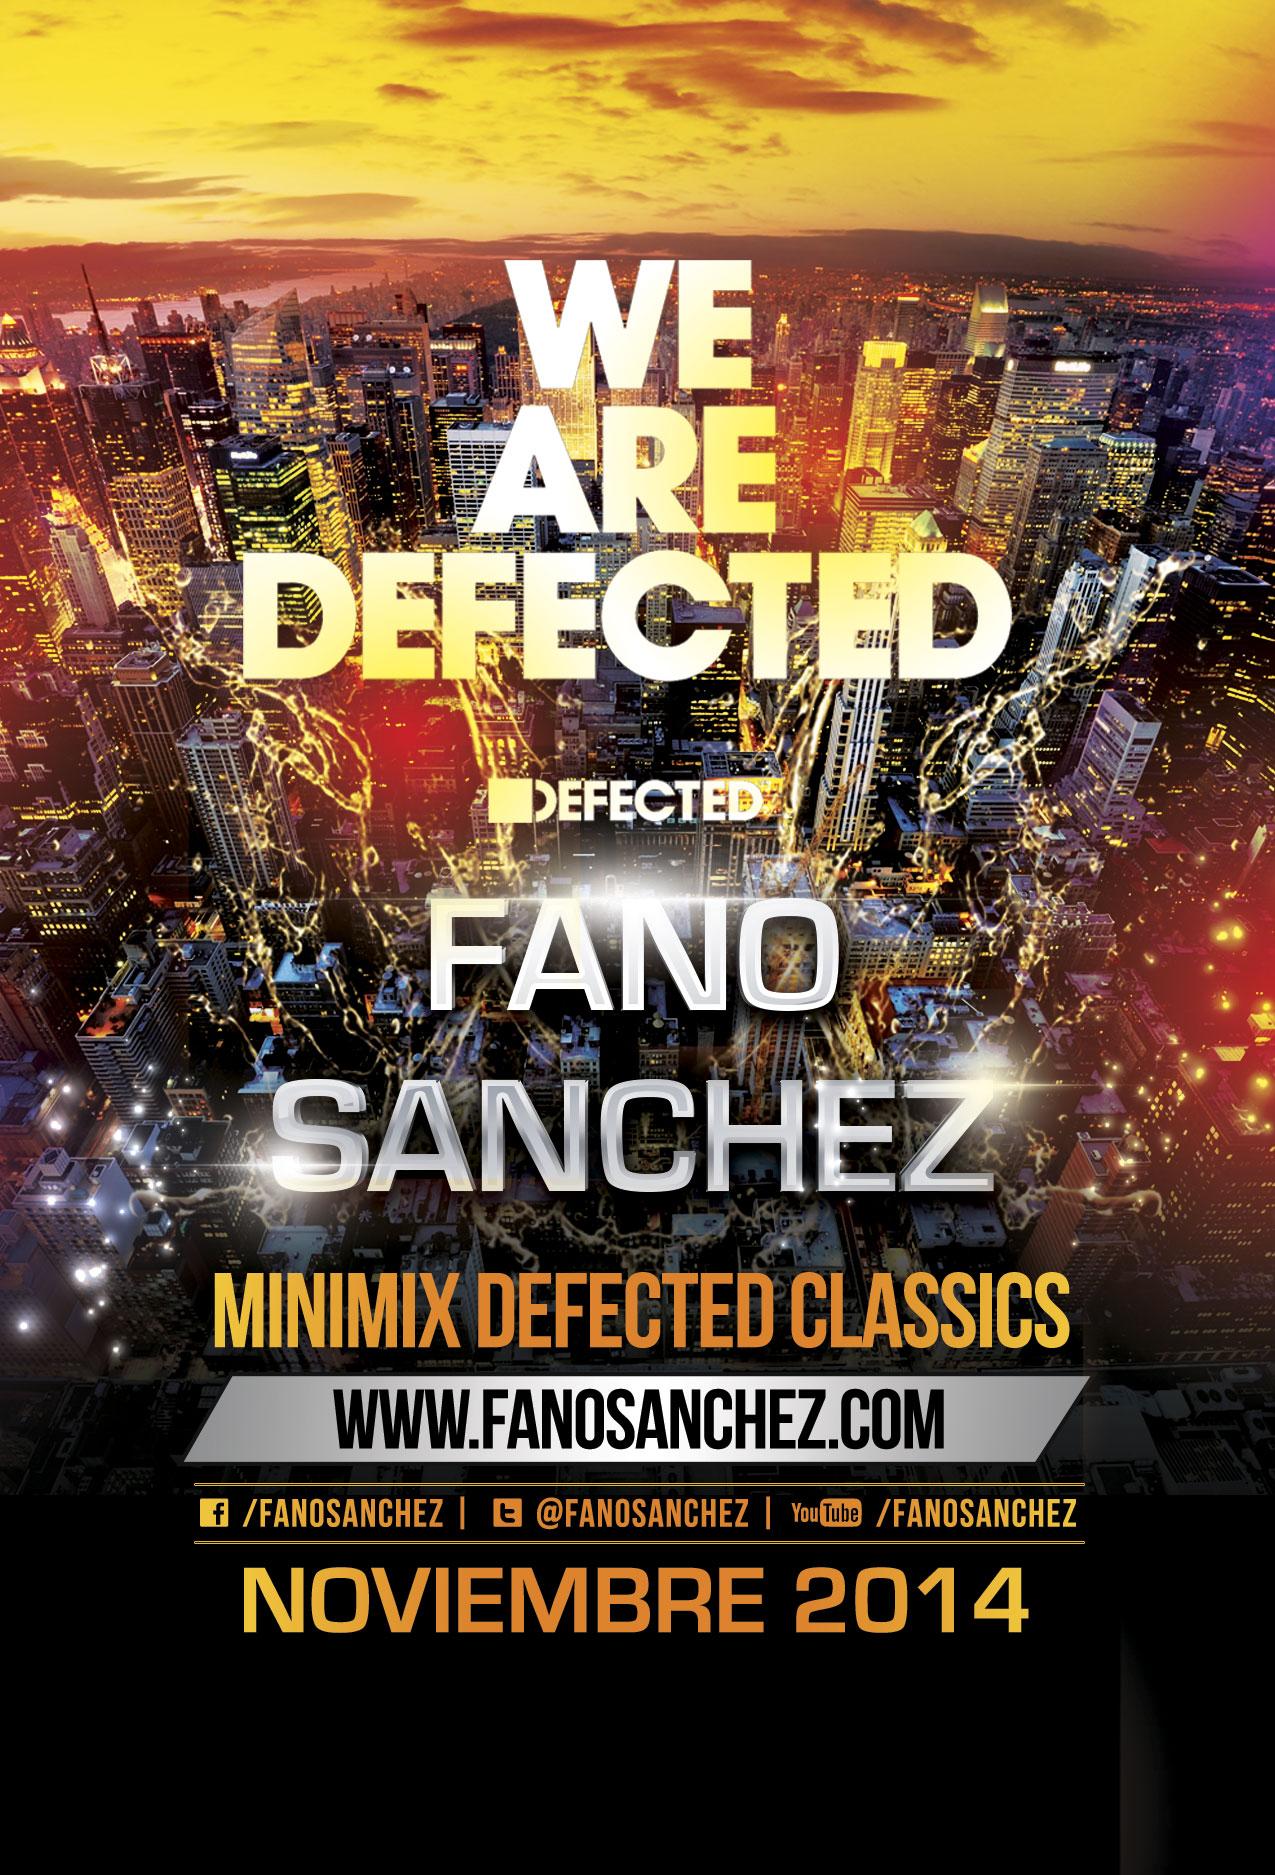 Video session Fano Sánchez Minimix Classics Defected Noviembre 2014